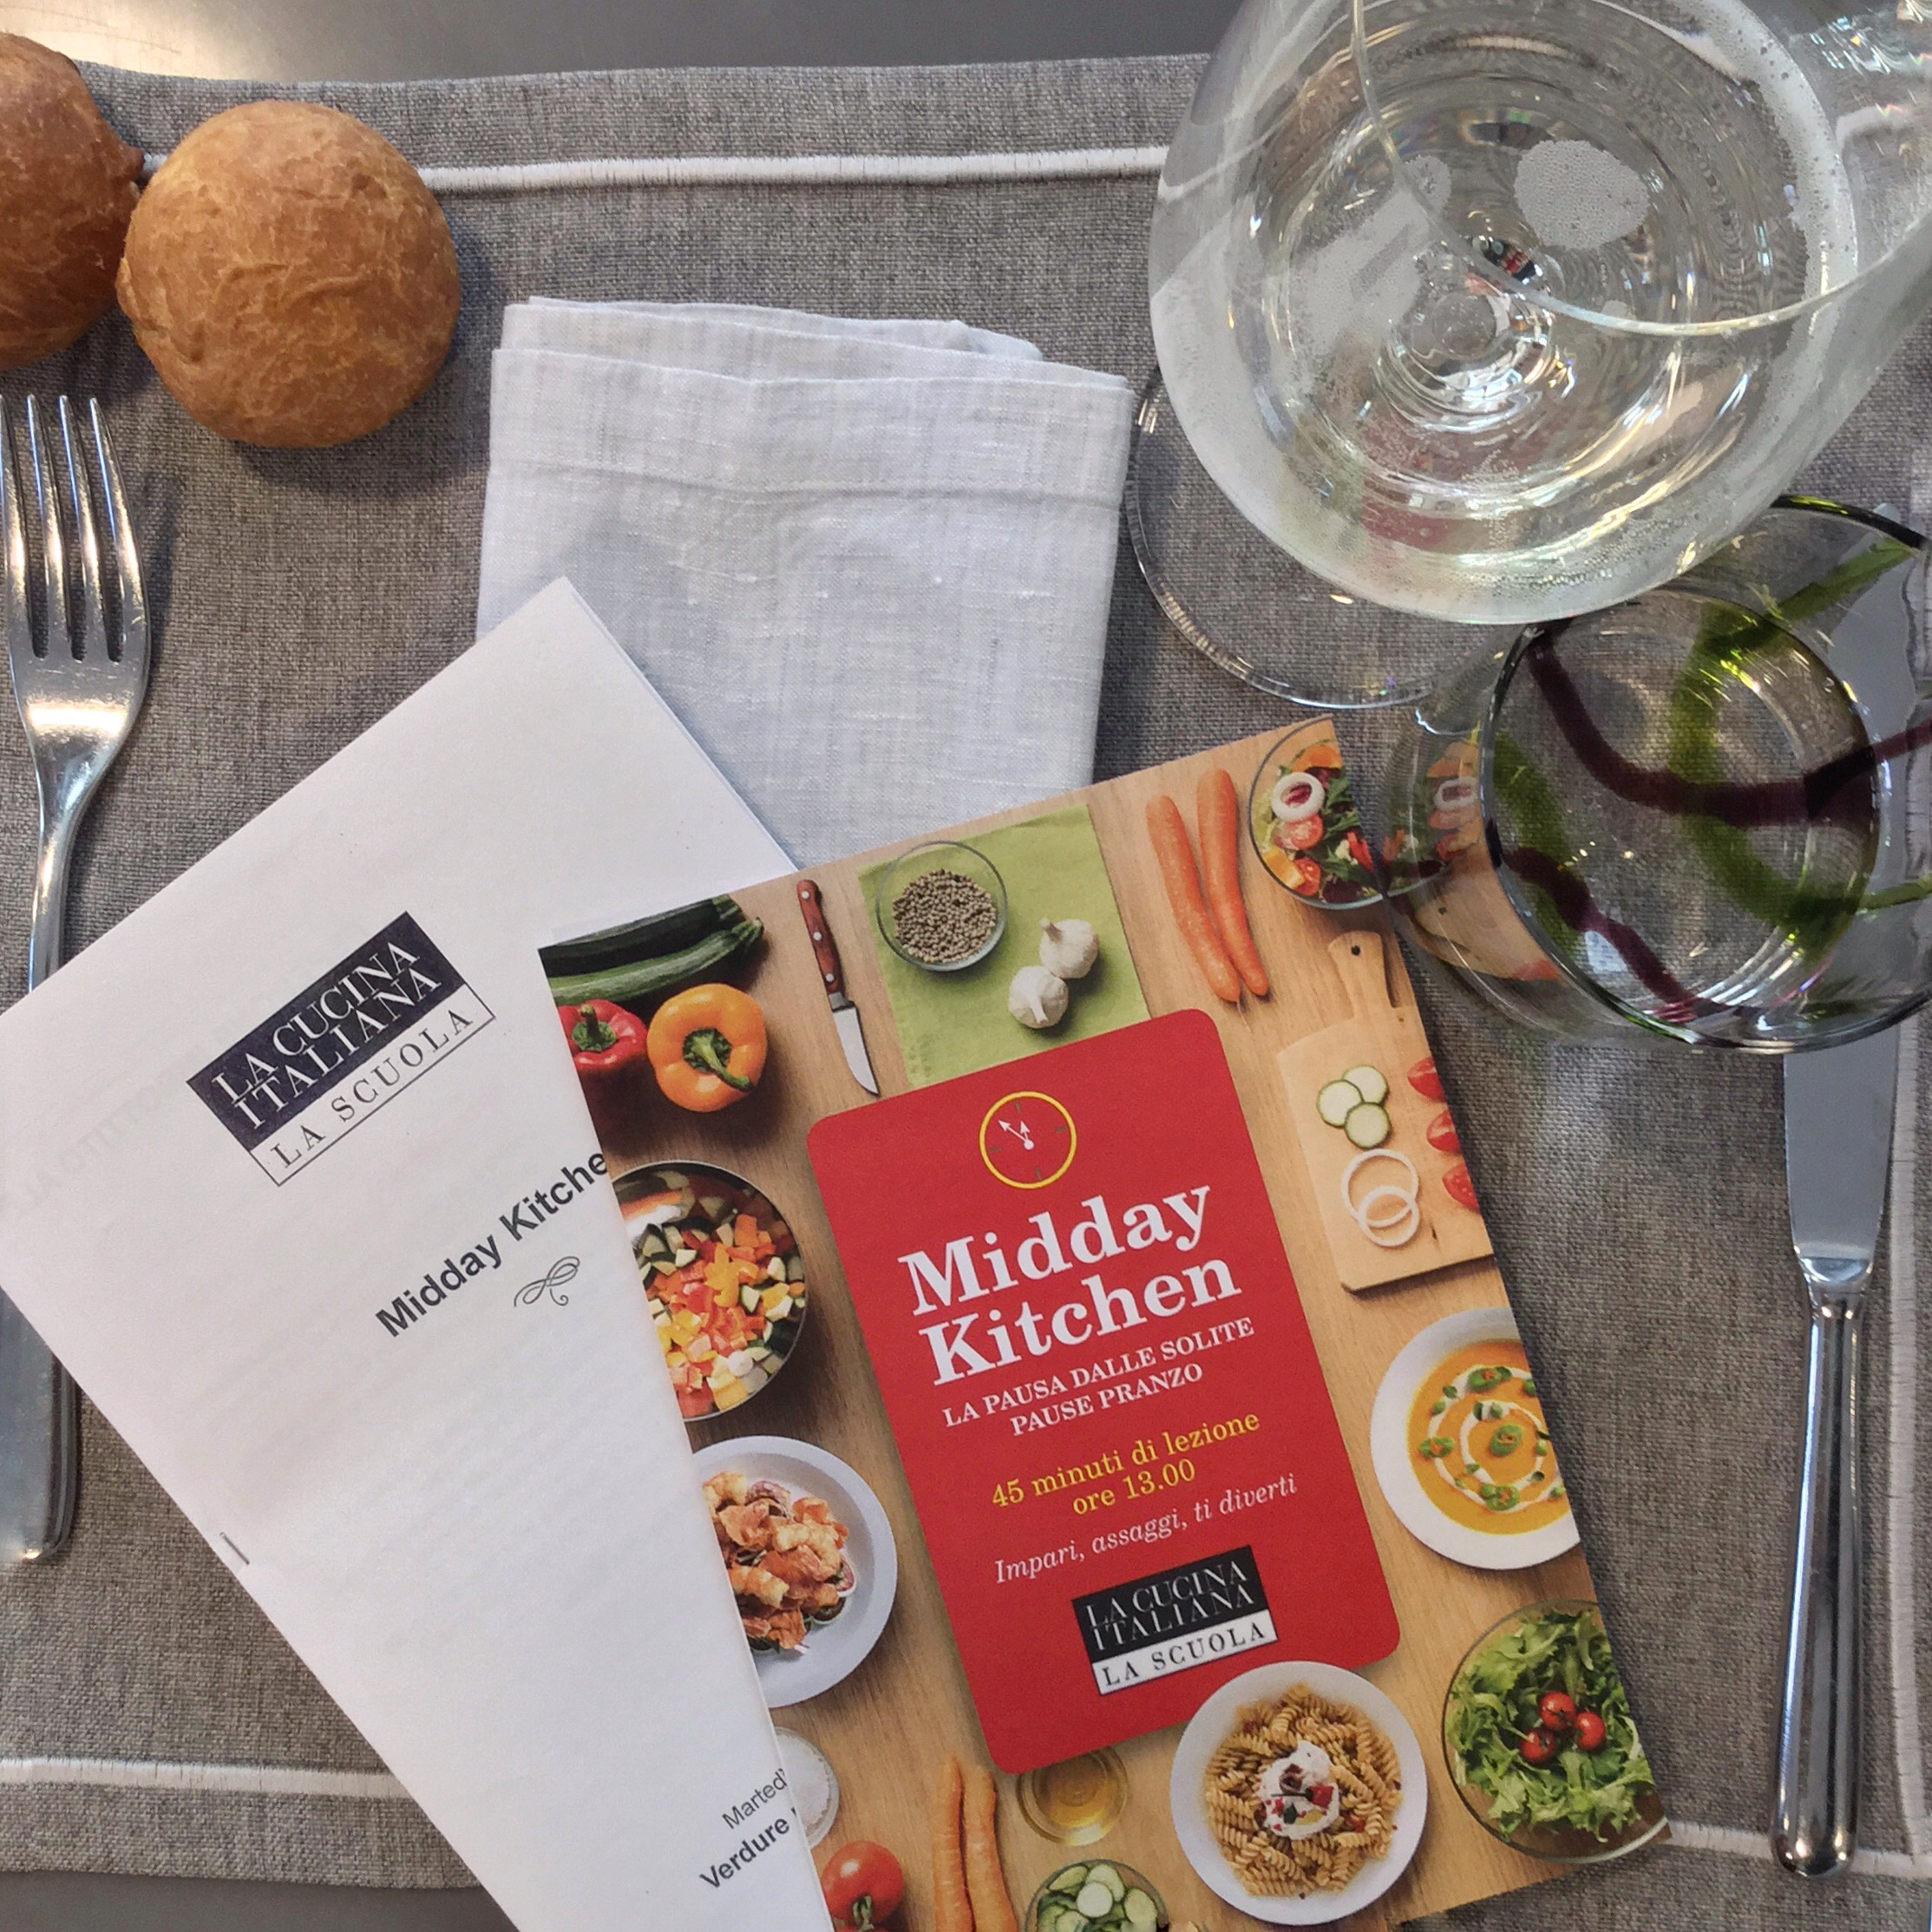 Midday kitchen una pausa pranzo diversa - La Scuola de La Cucina ItalianaMidday kitchen una pausa pranzo diversa - La Scuola de La Cucina Italiana